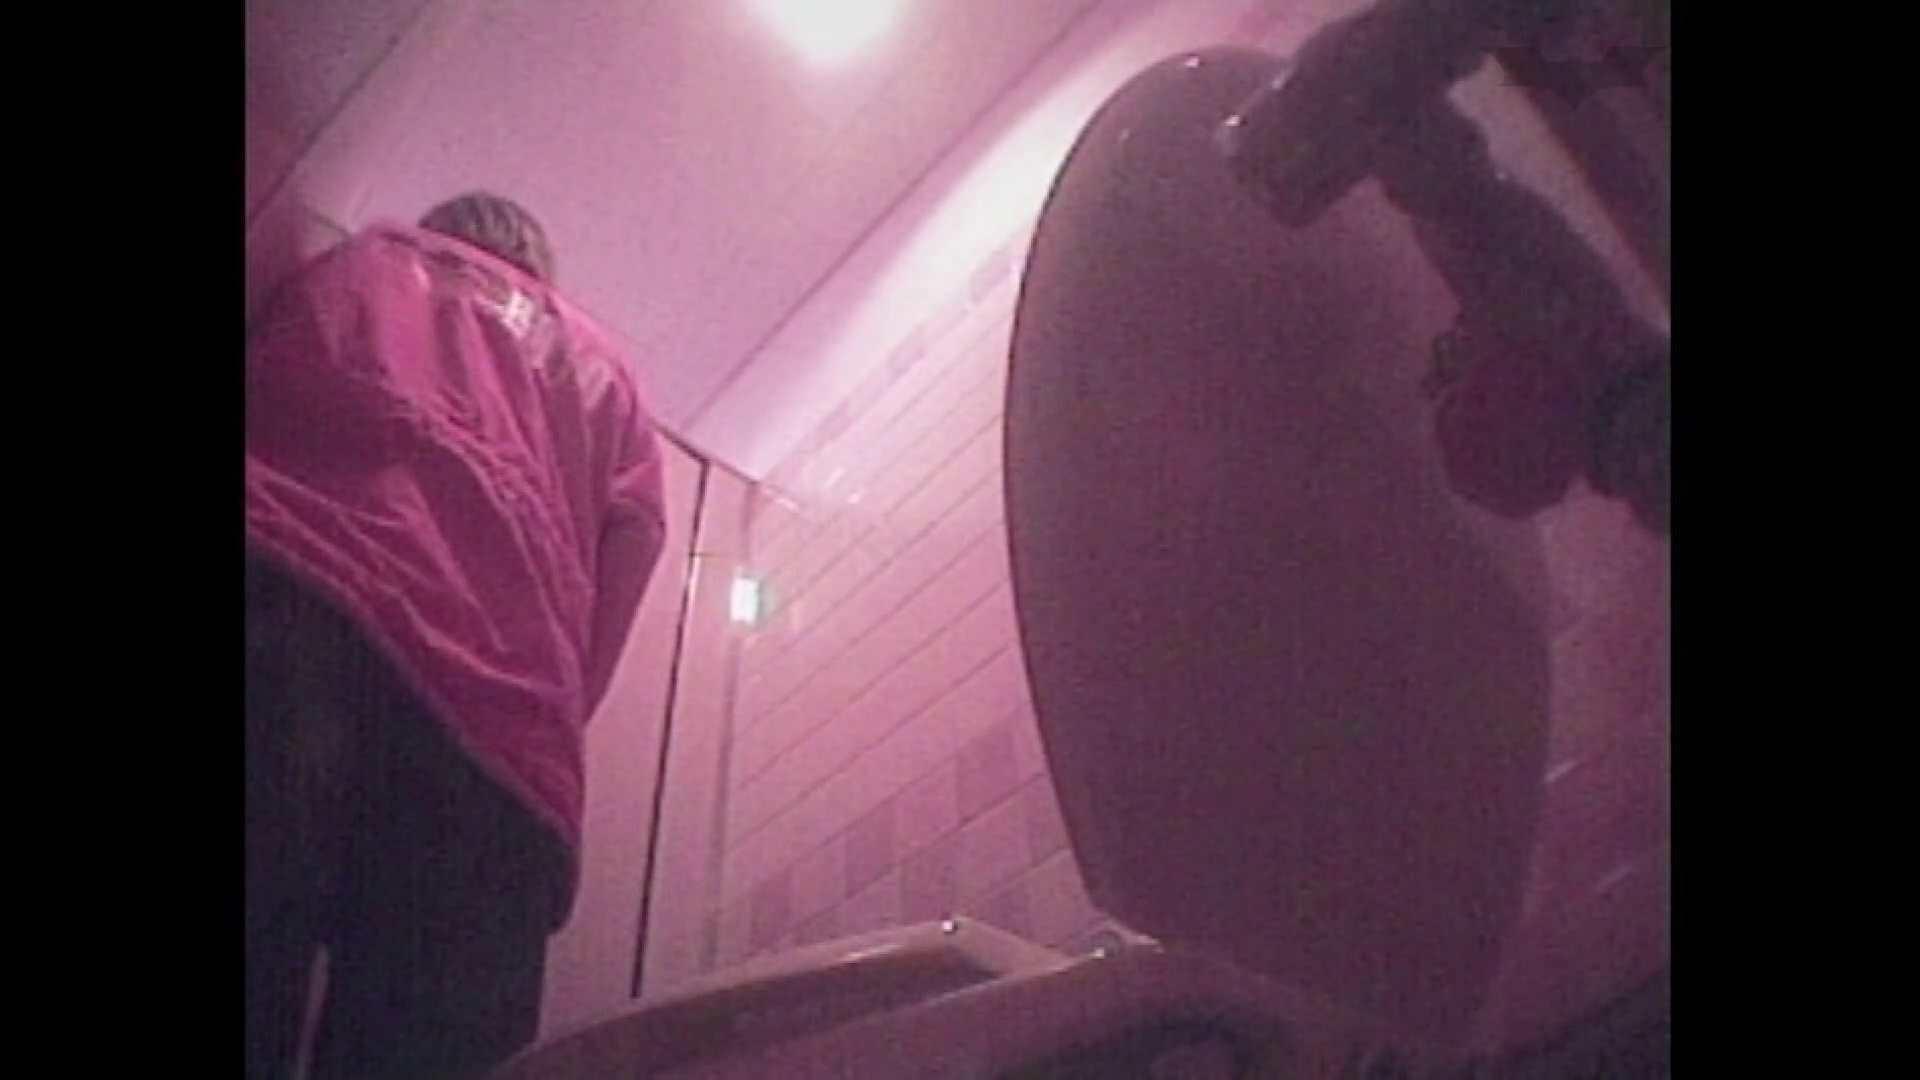 レース場での秘め事 Vol.07 ギャル盗撮映像 エロ無料画像 96PIX 54